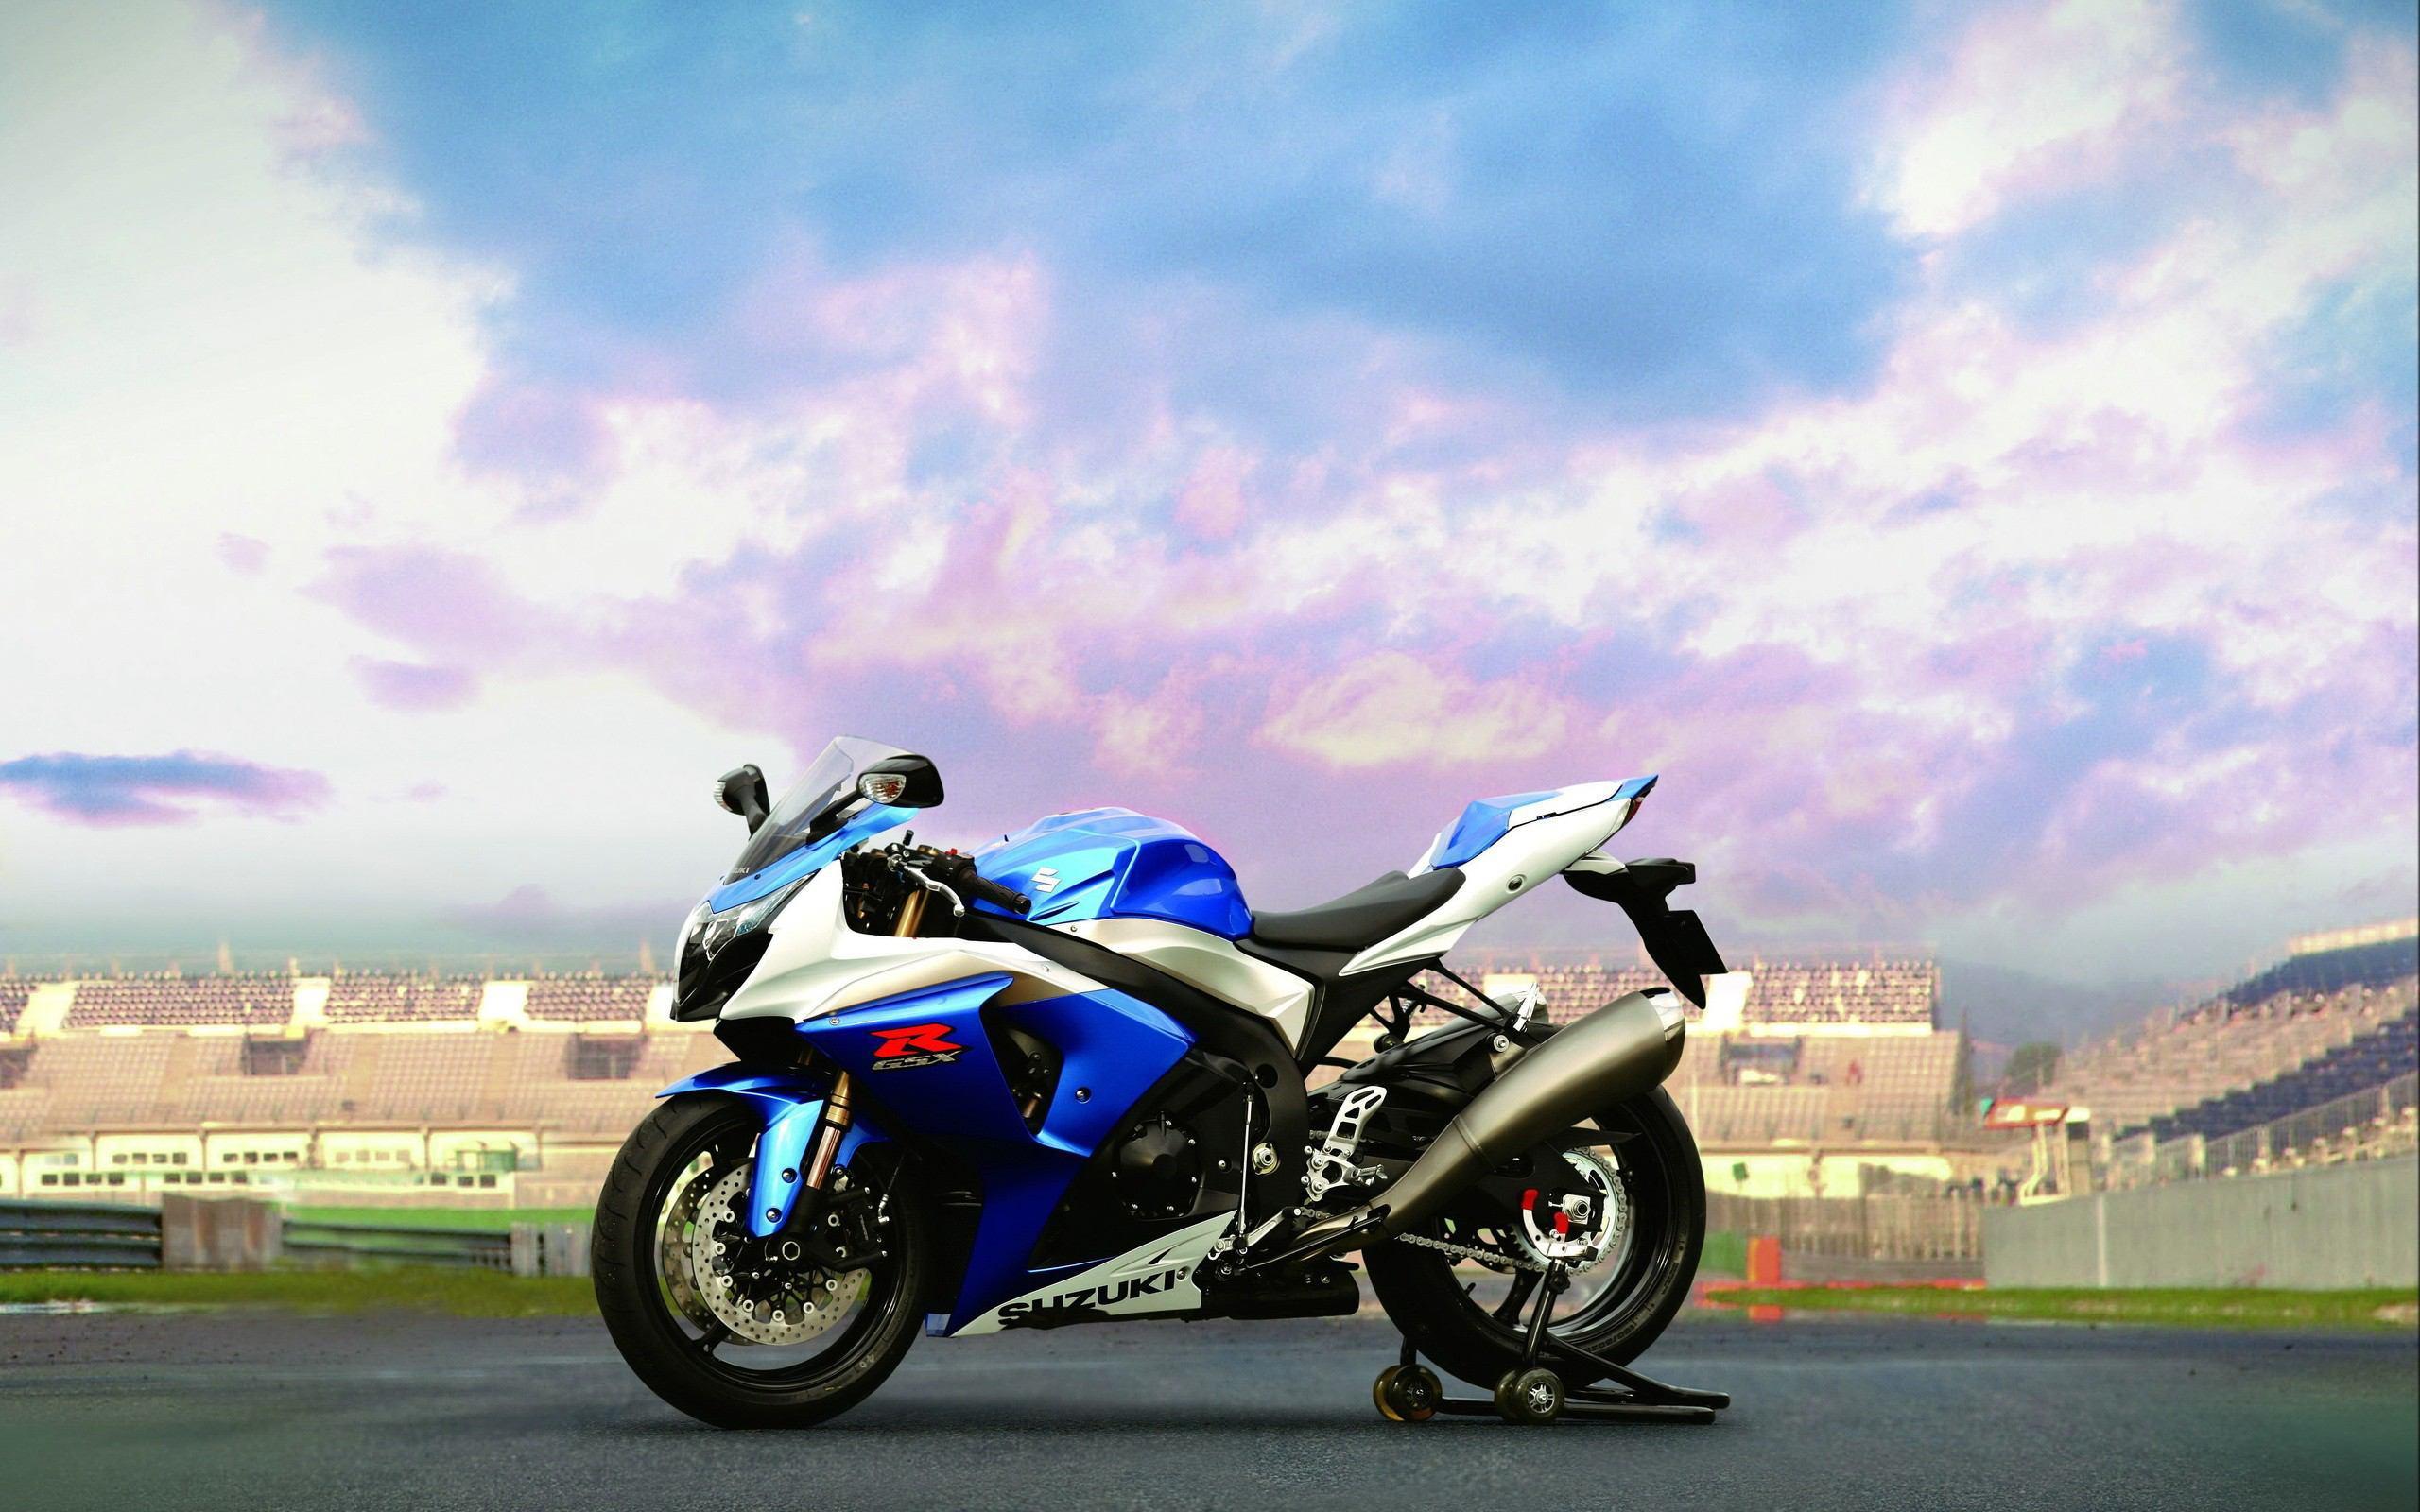 обои на рабочий стол машины мотоциклы № 315361 бесплатно